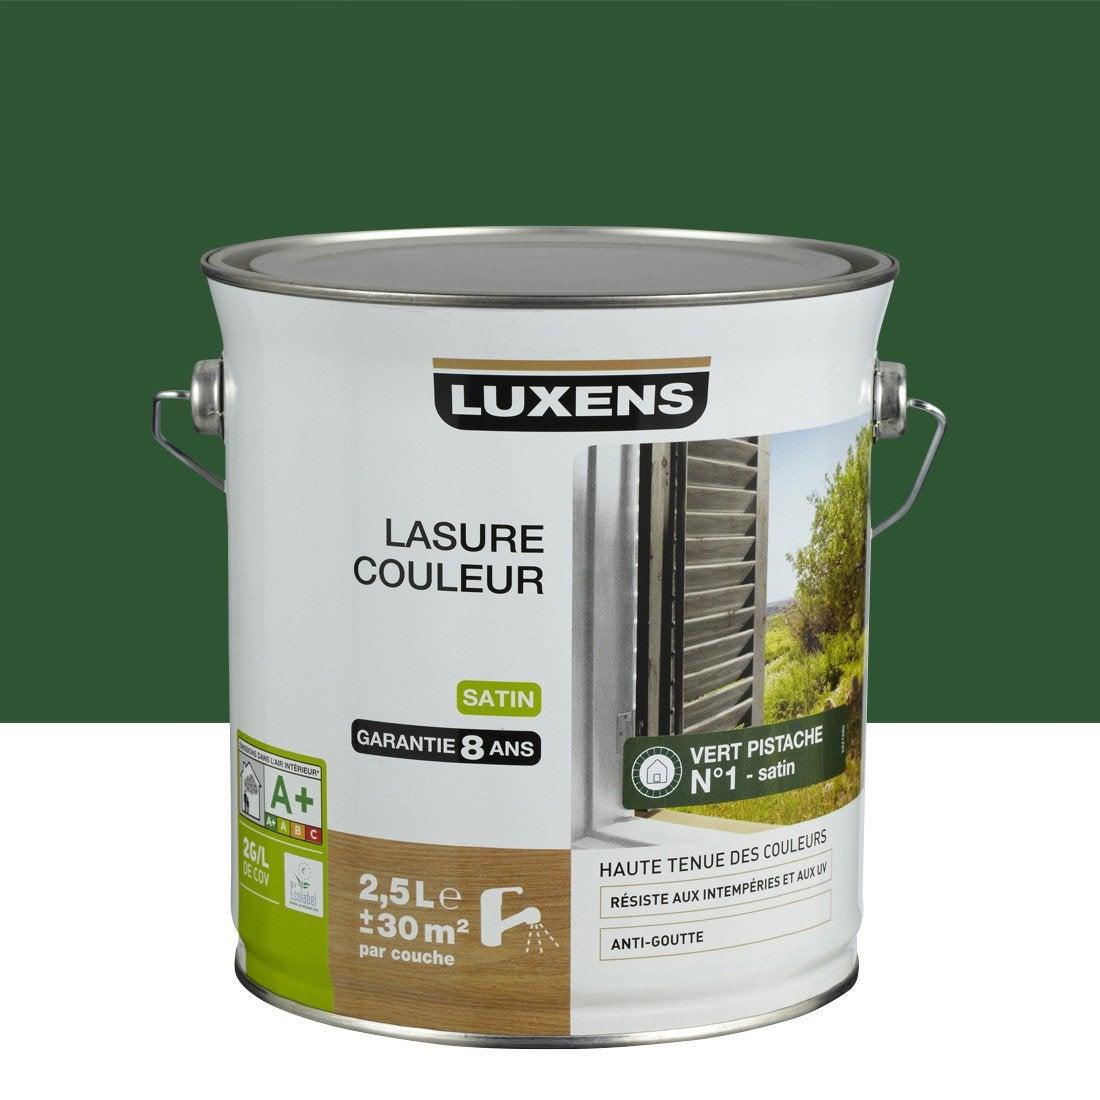 Lasure luxens 2 5 l vert pistache leroy merlin - Lasure leroy merlin ...